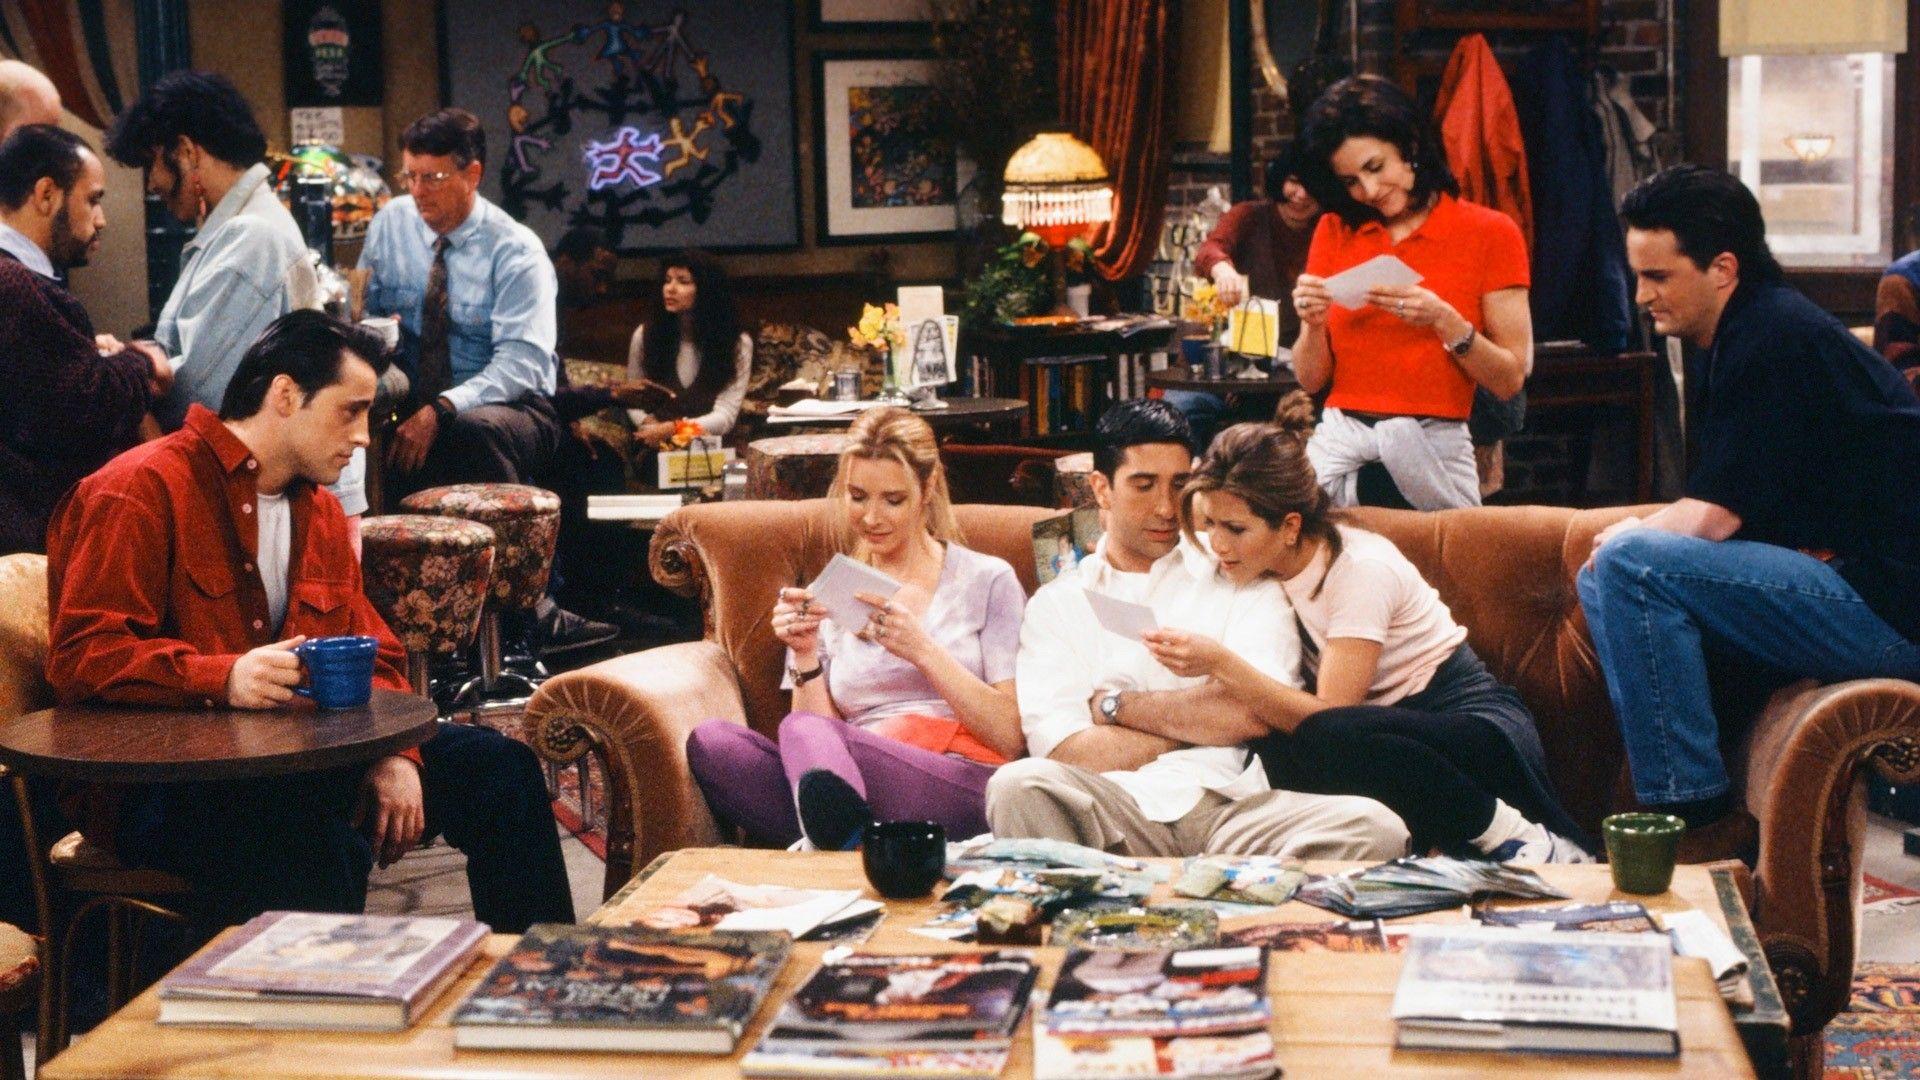 5 Σειρές Που Έχω Αγαπήσει | TV Shows Corner